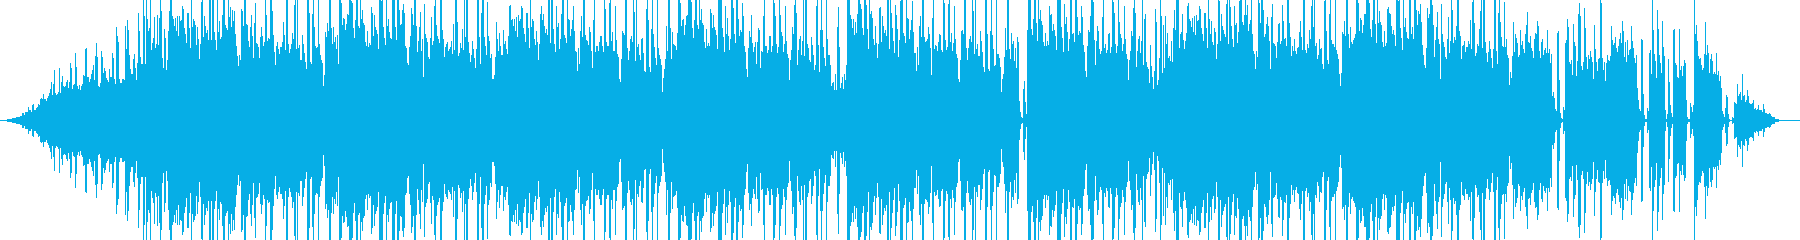 覚醒系ビートの再生済みの波形